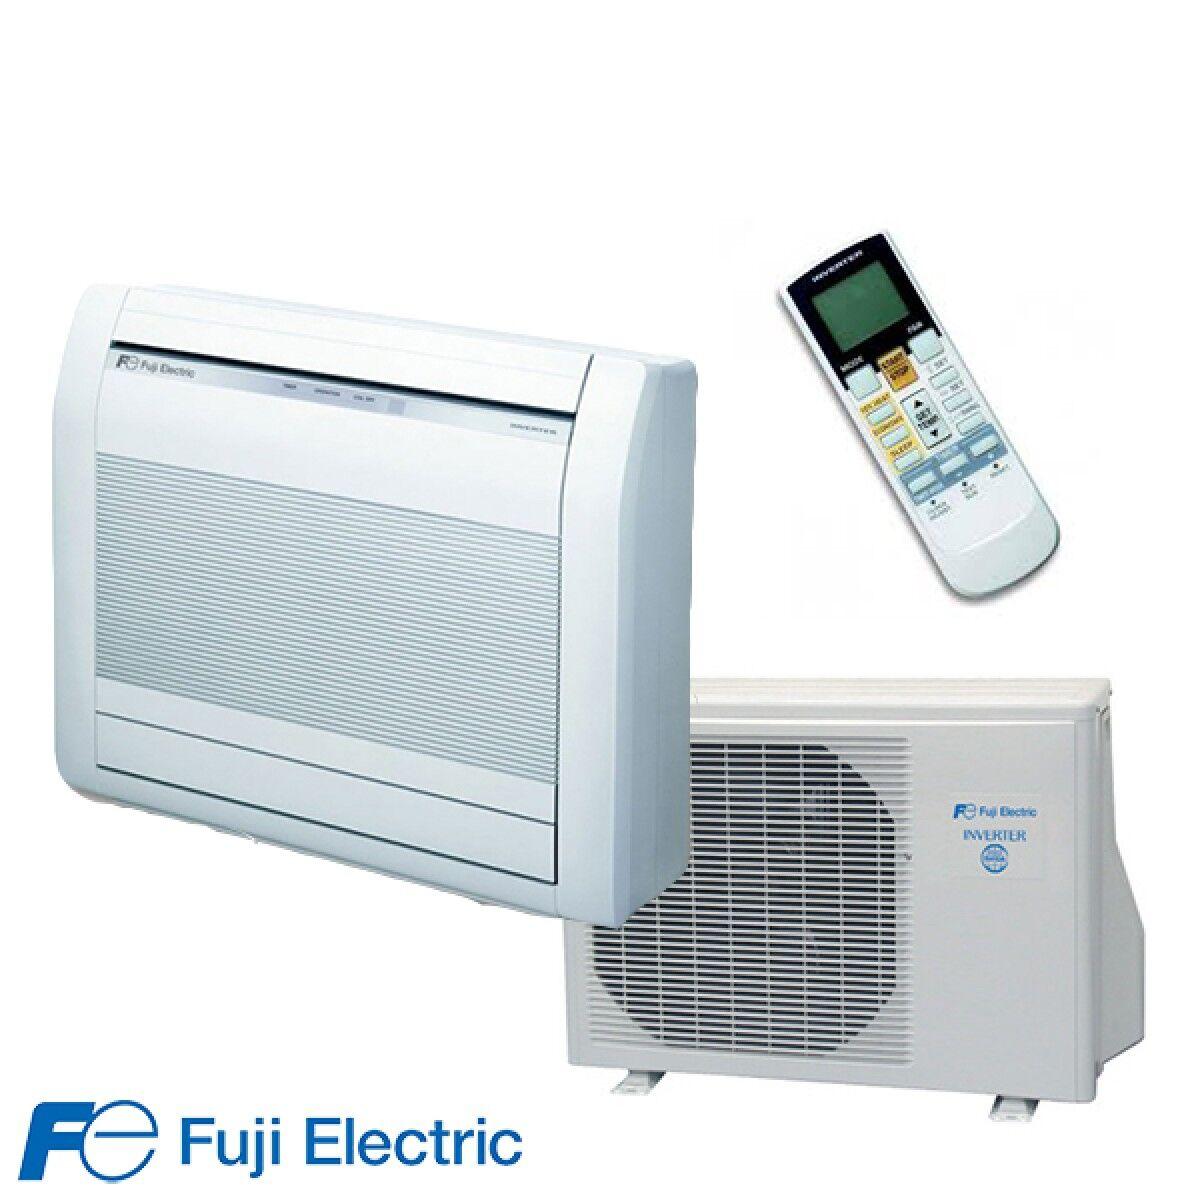 Инверторен подов климатик Fuji Electric RGG14LVCA, 14000 BTU, A++